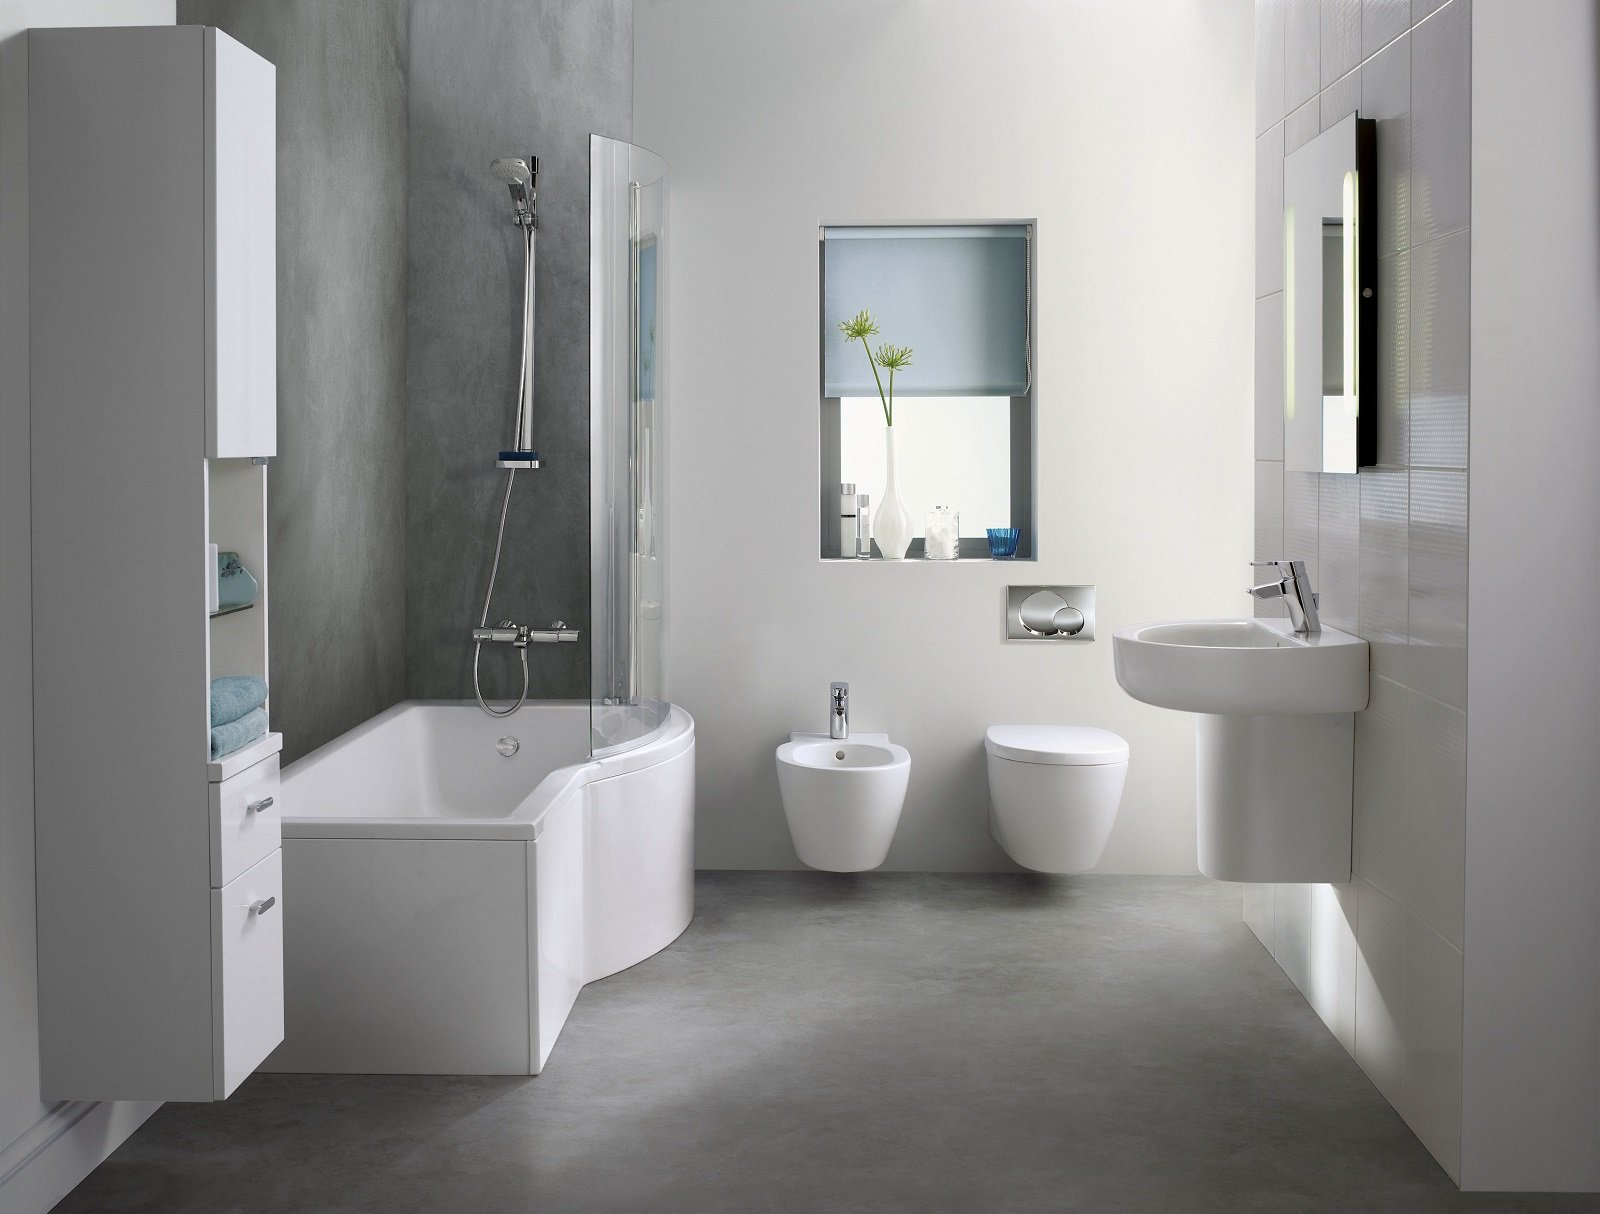 Le vasche a parete in materiali resistenti e di facile manutenzione - Pannelli vasca da bagno ...